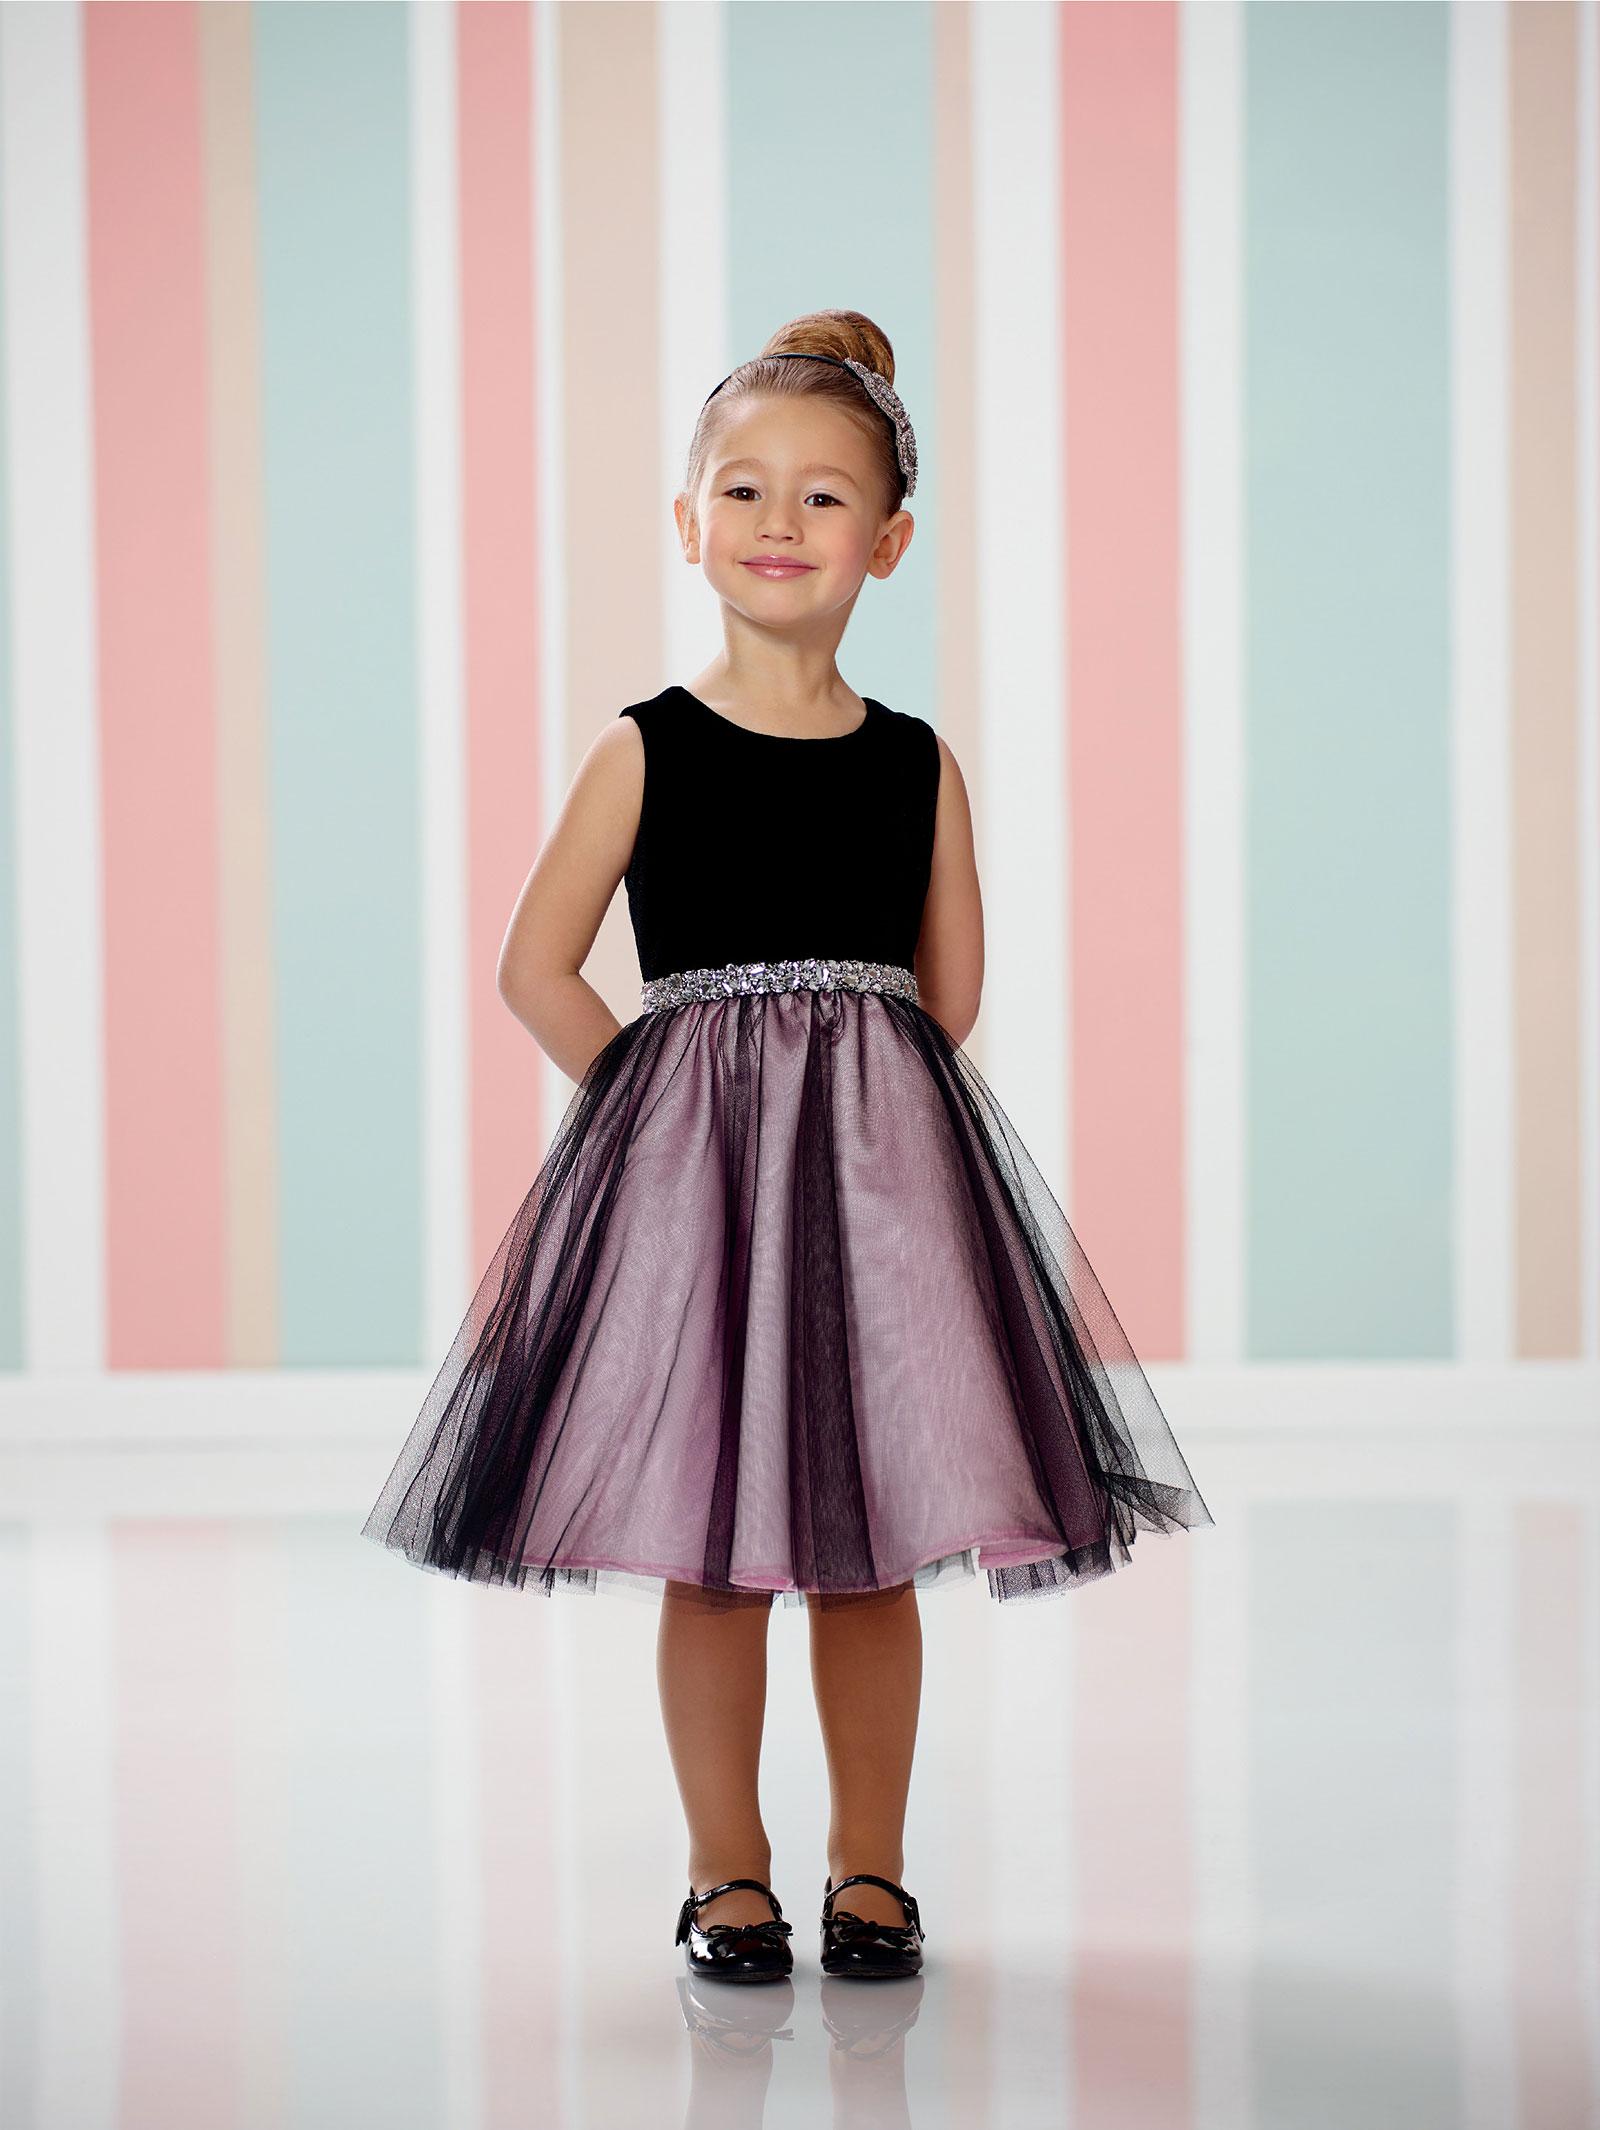 JC BKPK Joan Calabrese Style Velvet Tulle Dress with Hand Be